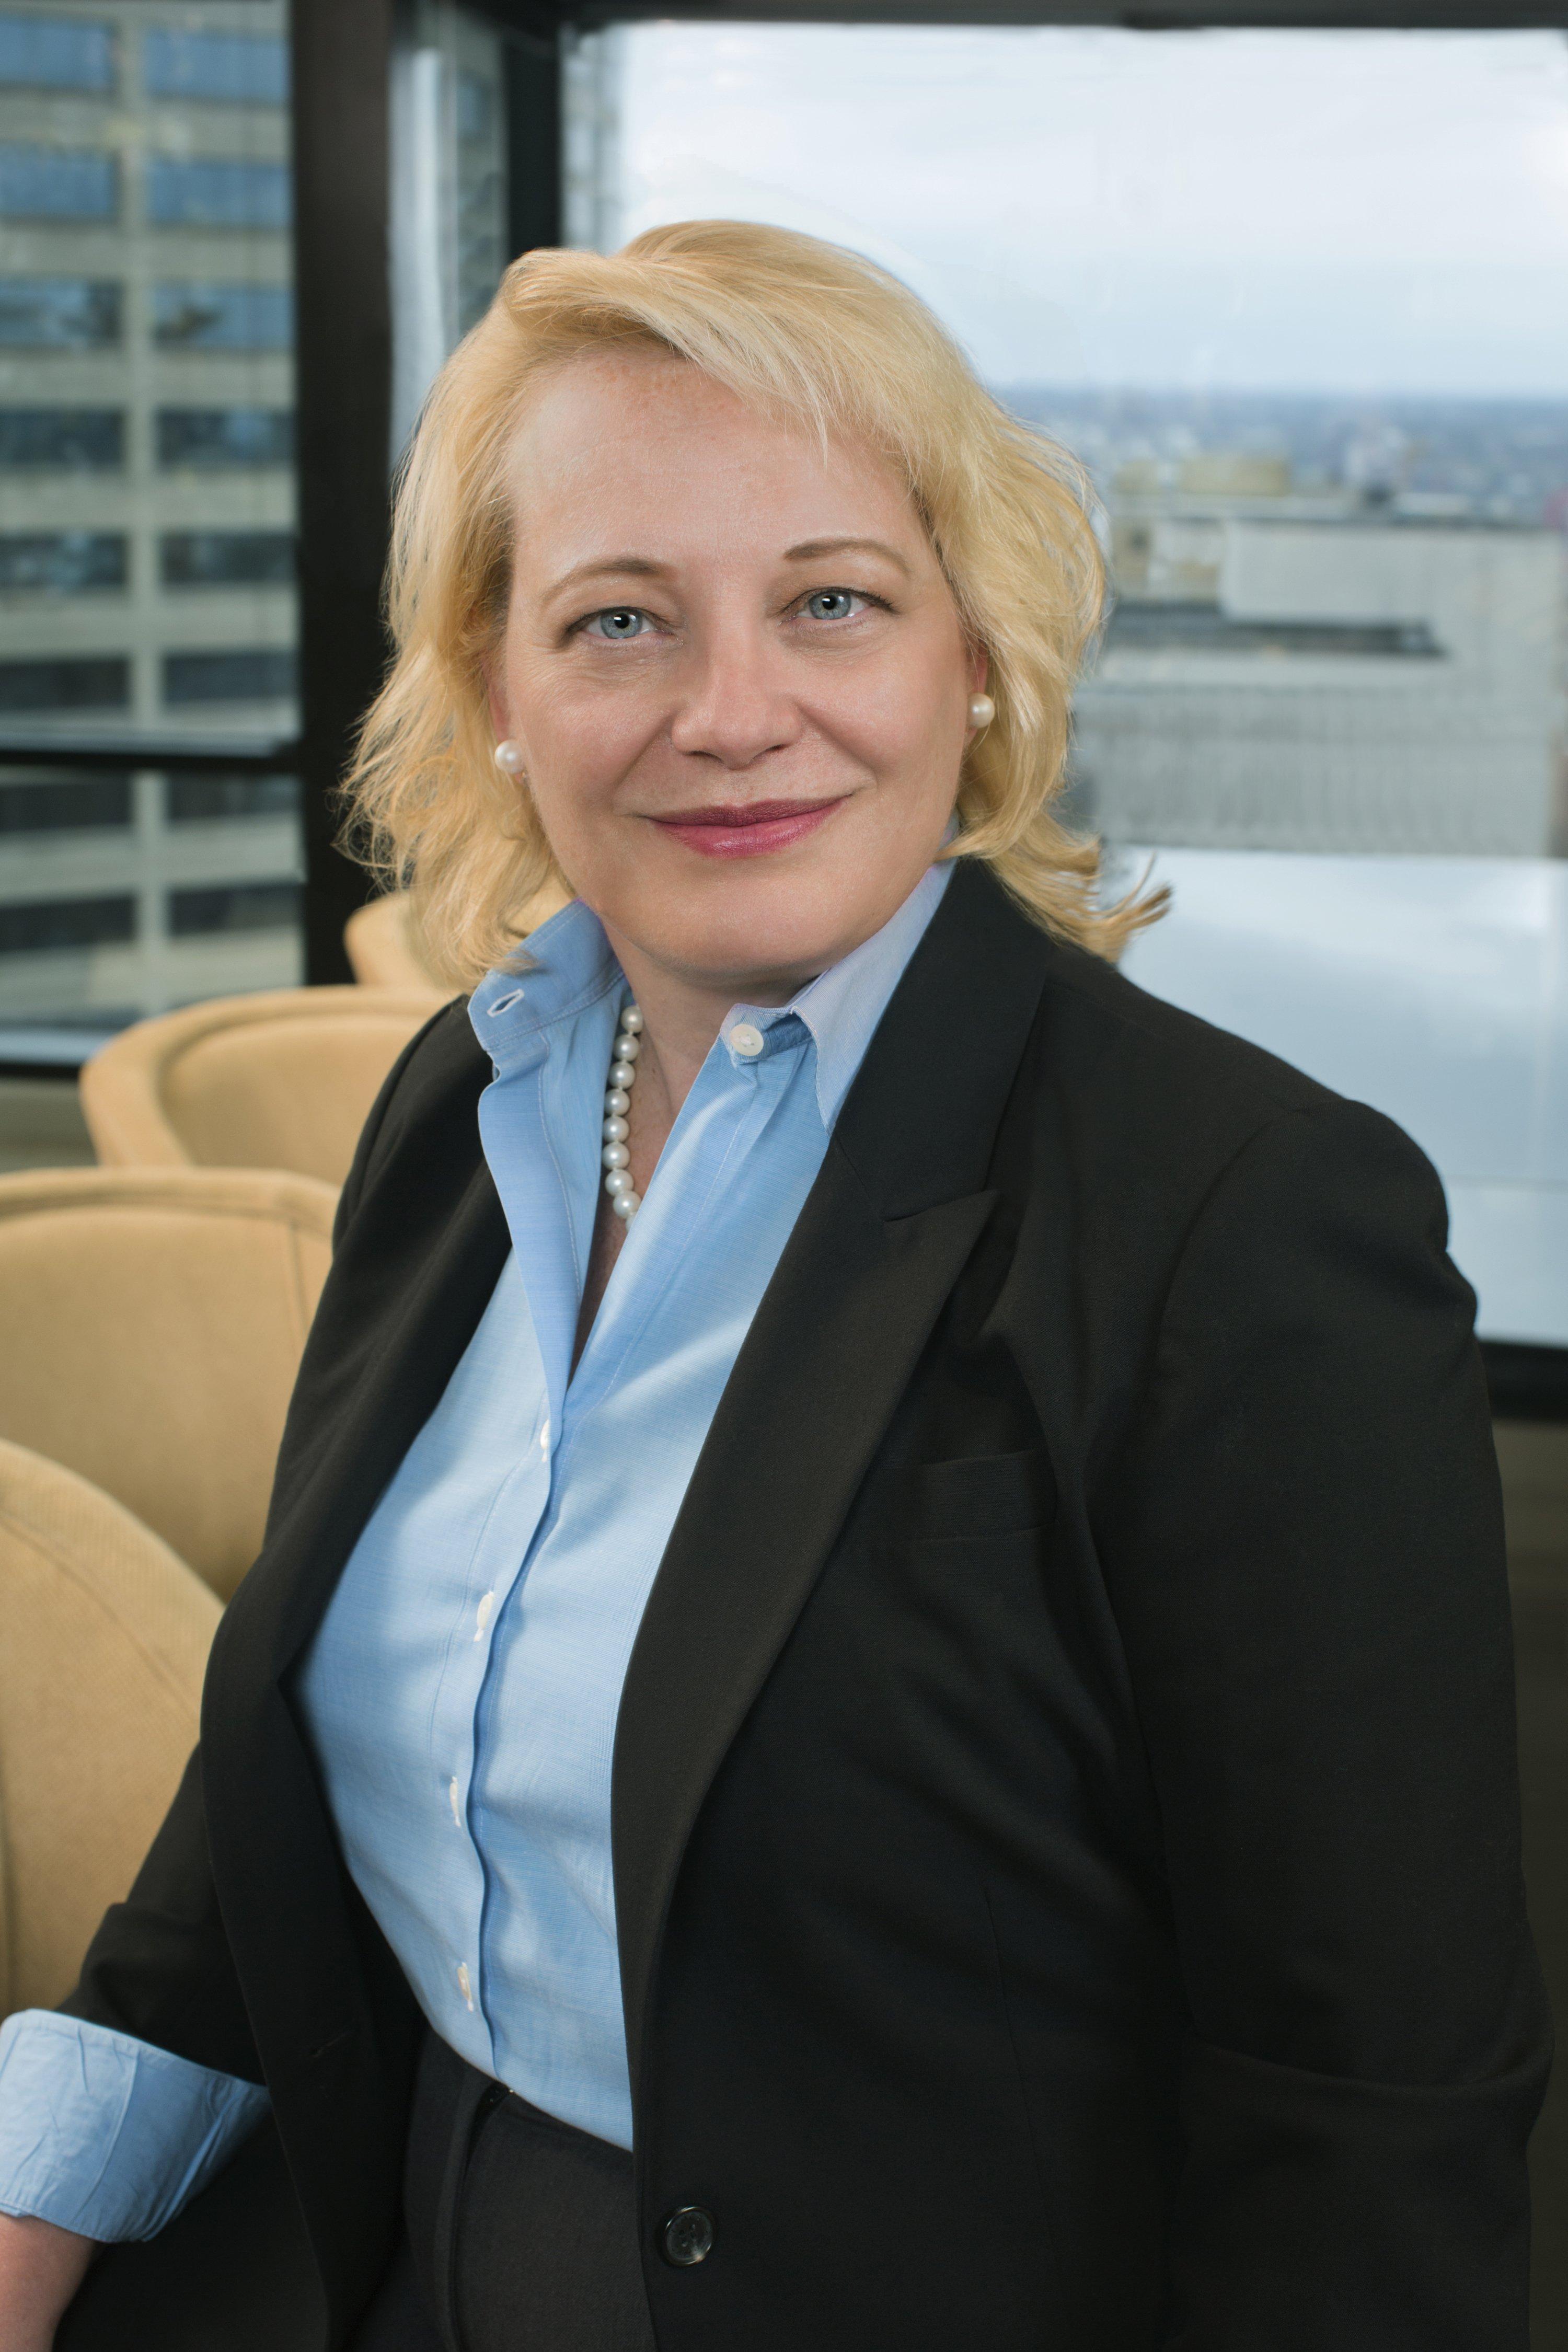 Anne Martin, Bone McAllester & Norton PLLC